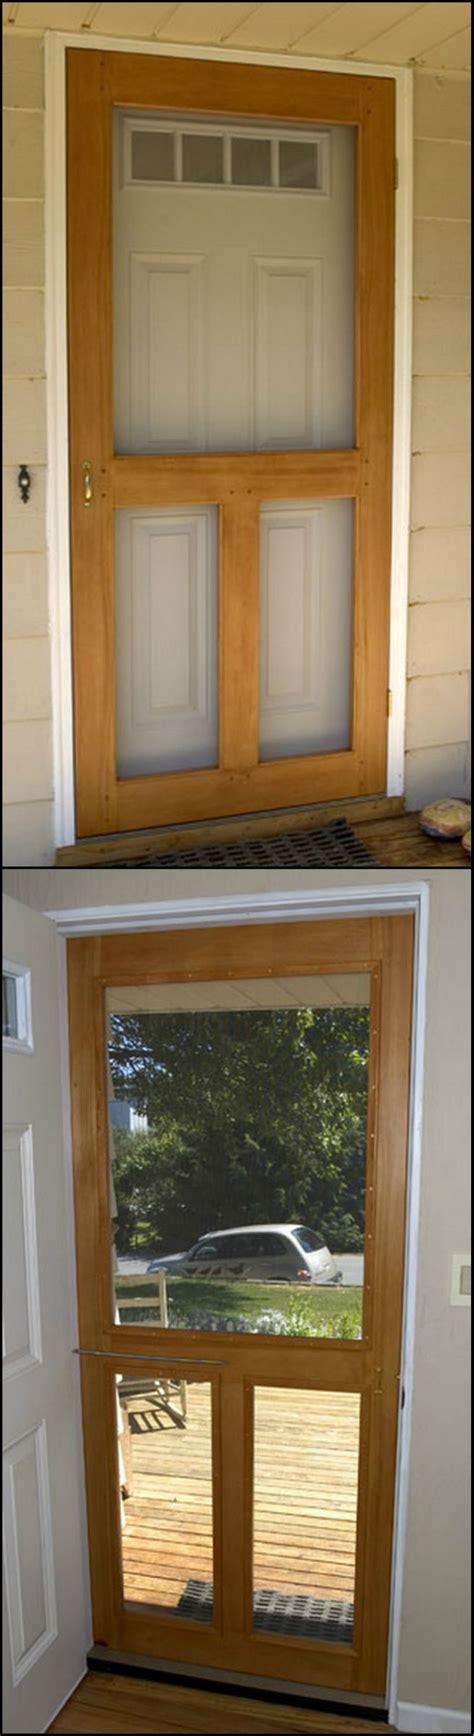 How To Keep Mosquitoes Away From Front Door 25 Best Ideas About Wood Screen Door On Screen Doors Front Screen Doors And